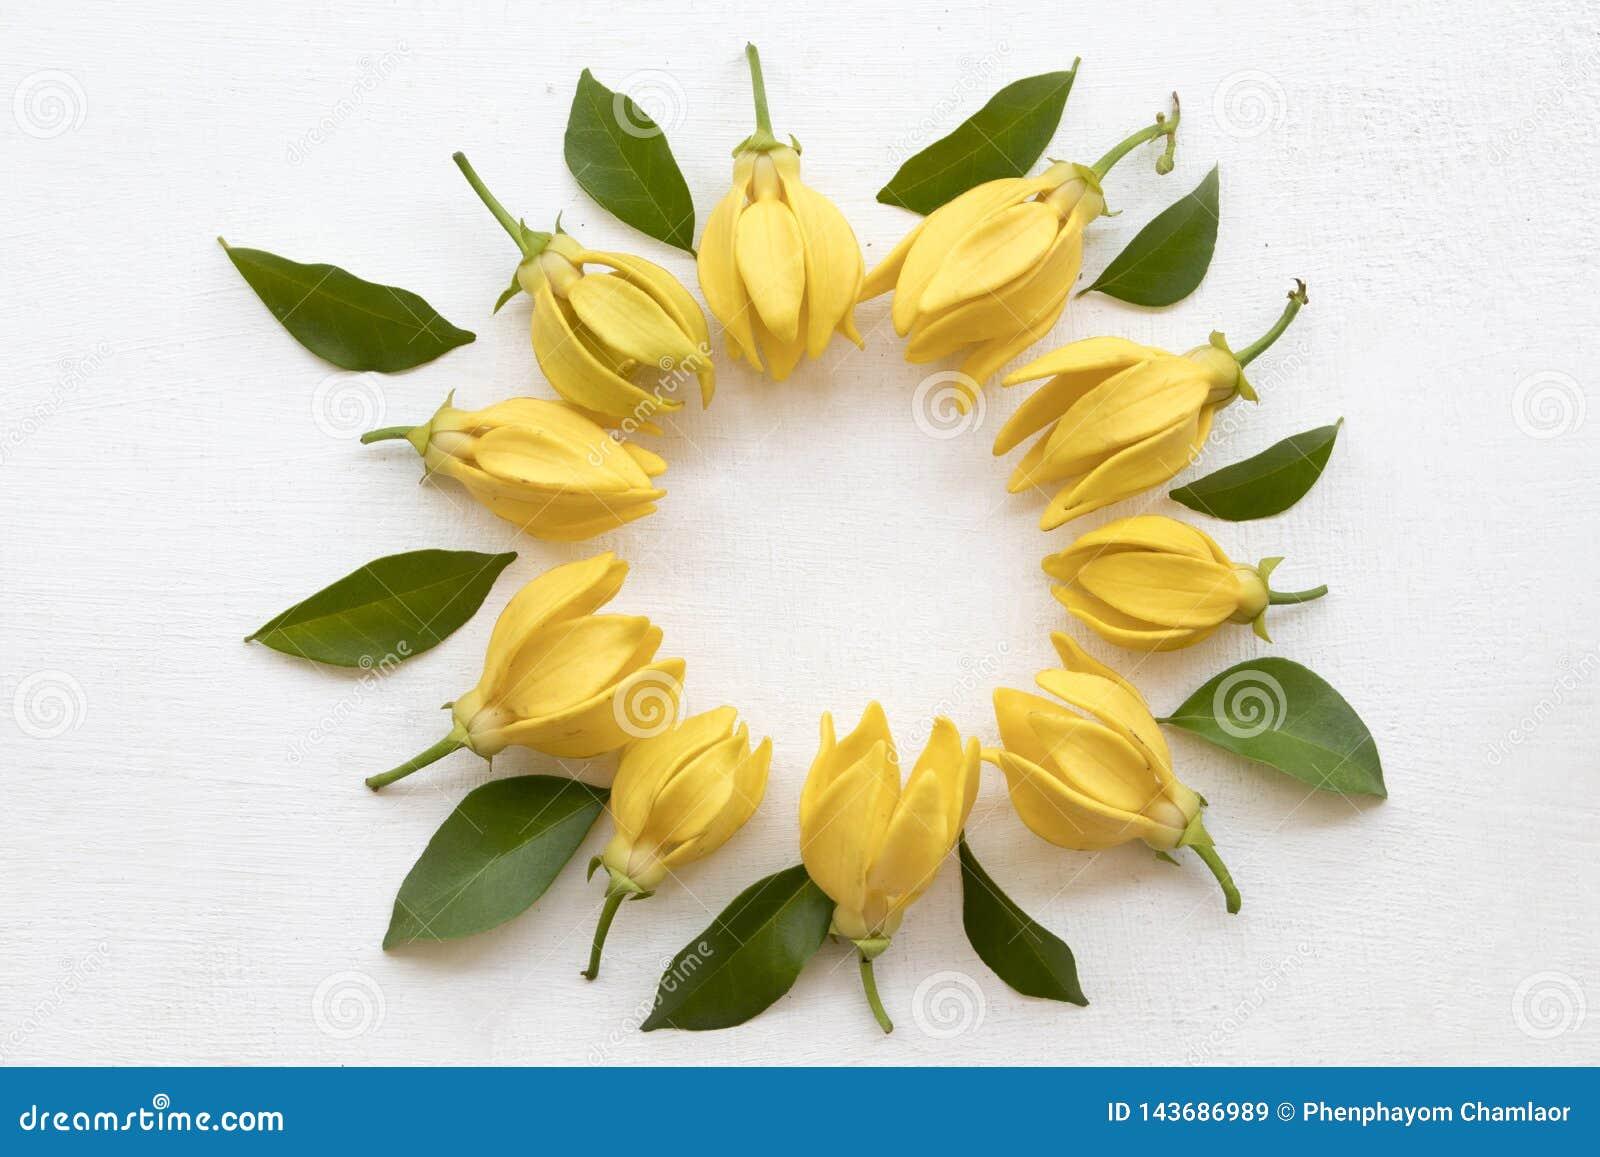 Flora local das flores amarelas do ylang de Ylang de Ásia